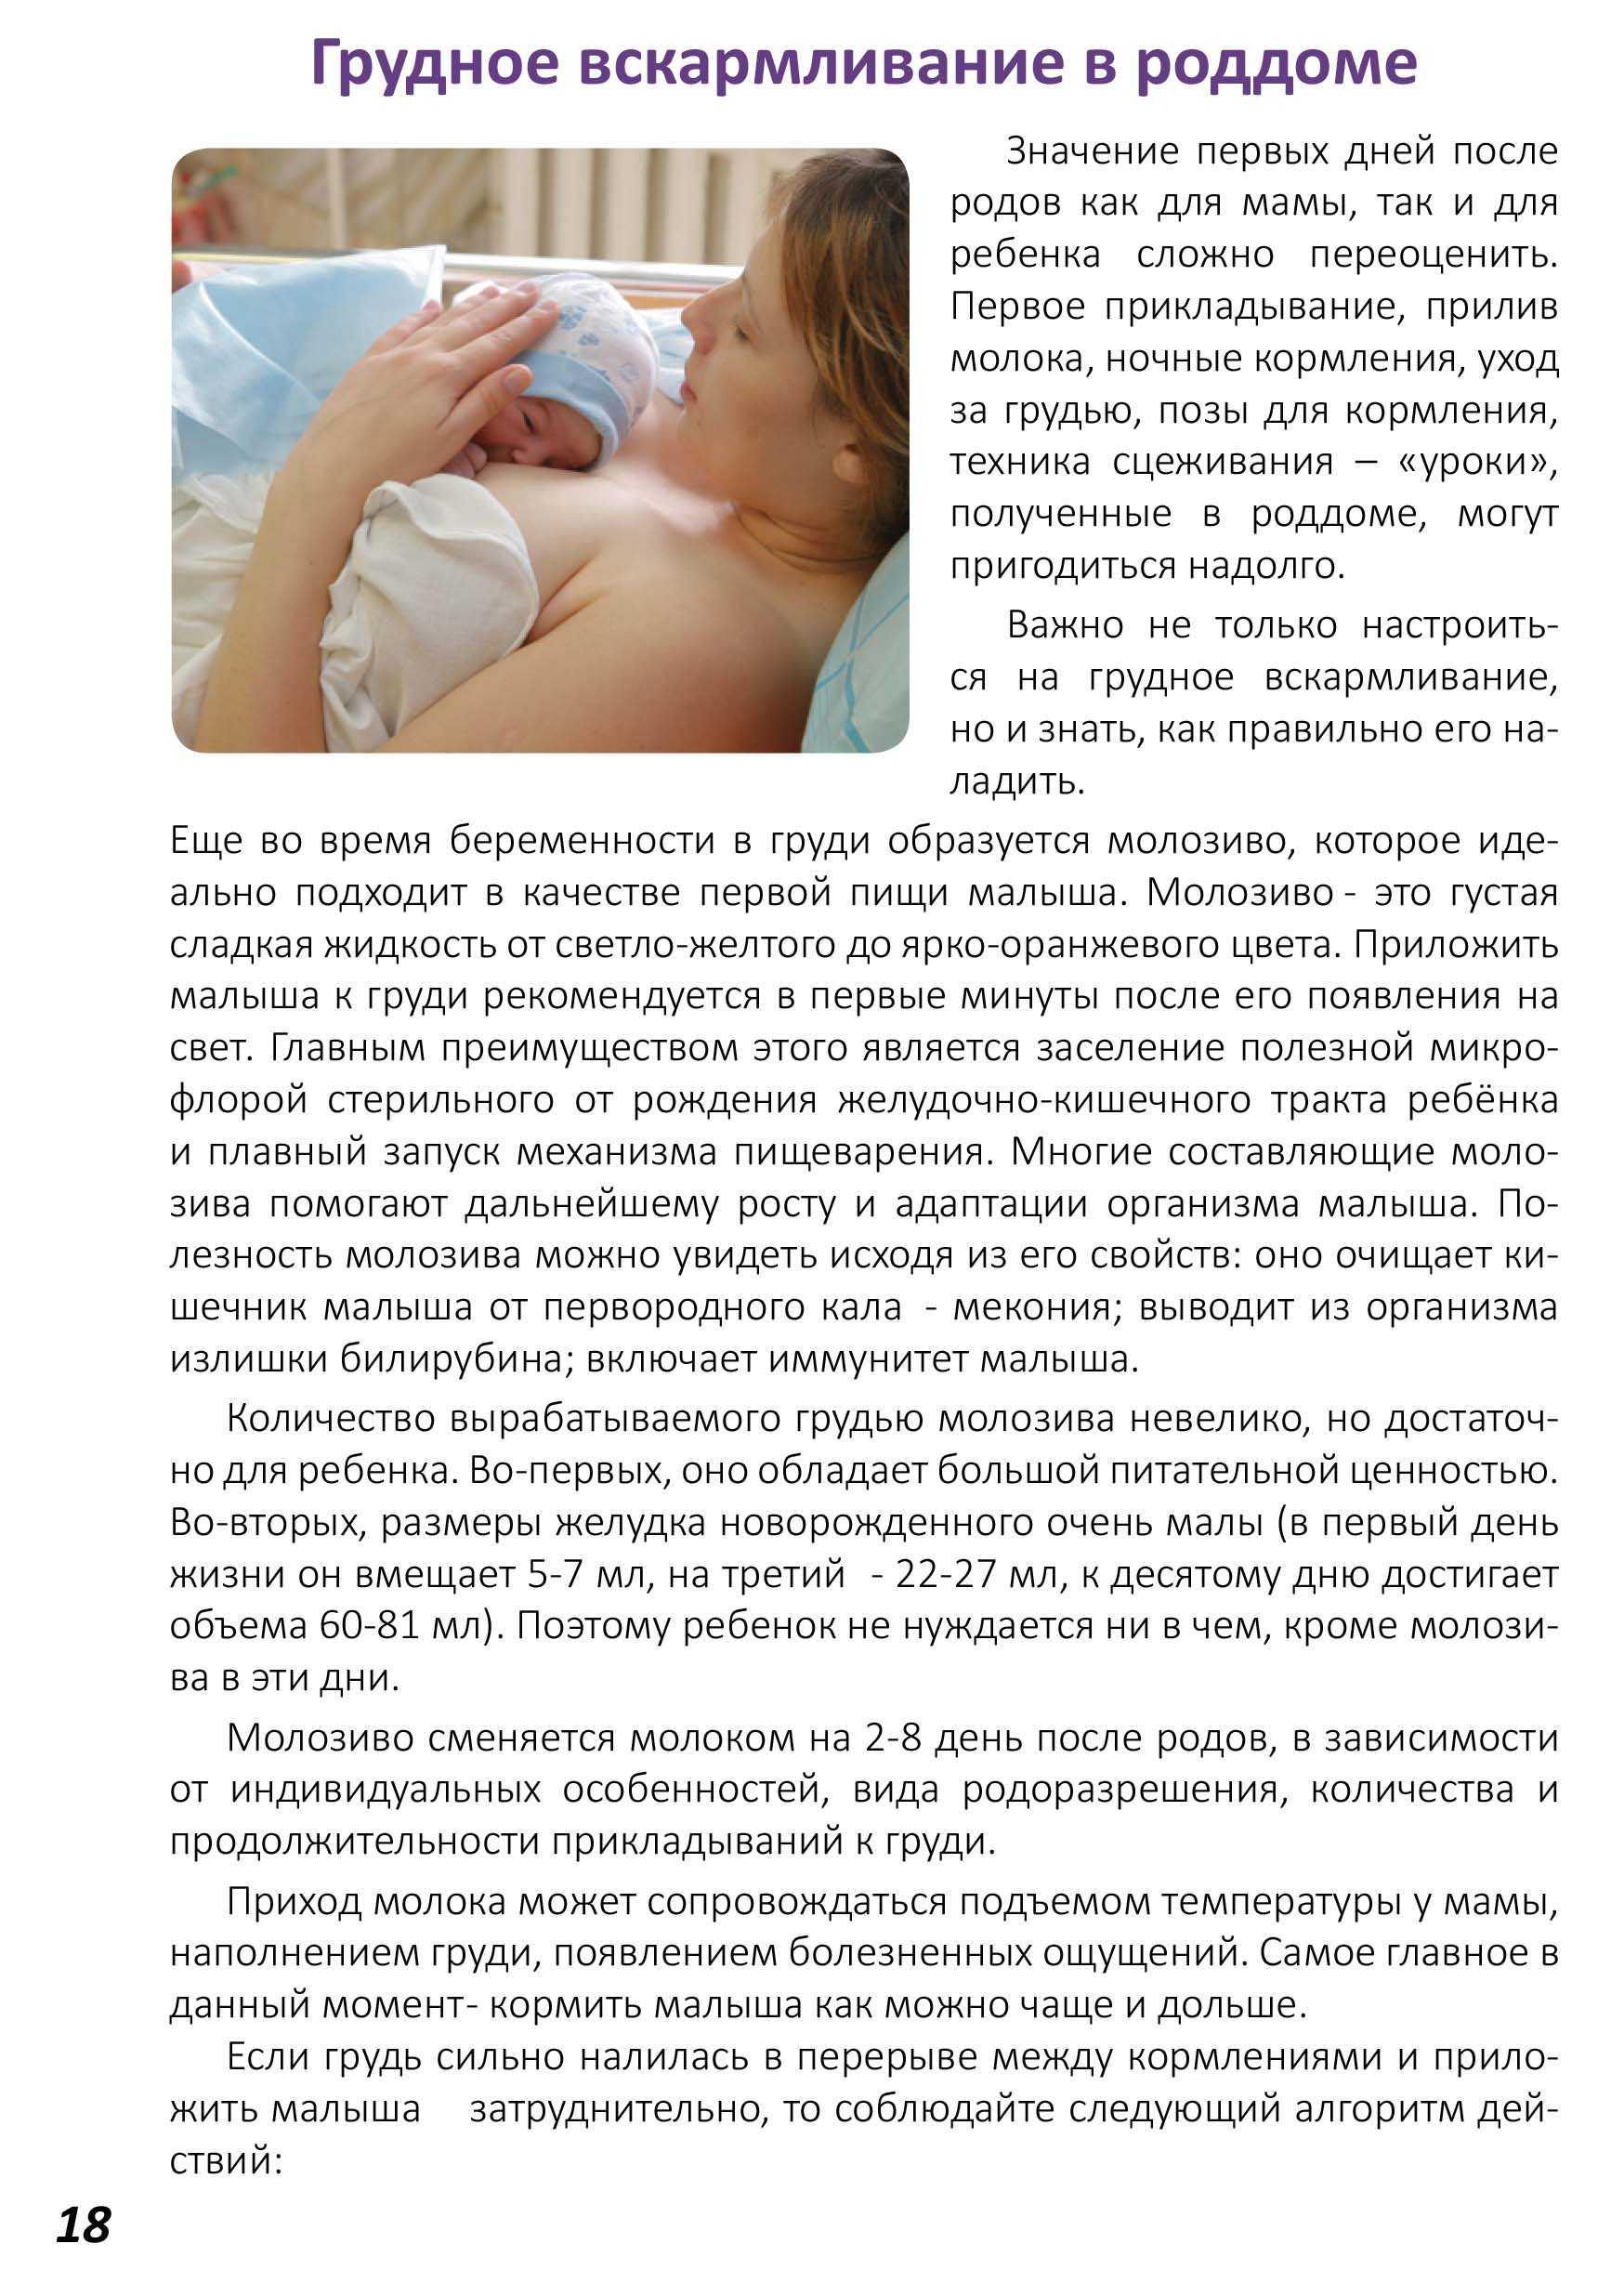 Можно ли кормить грудным молоком при температуре у мамы